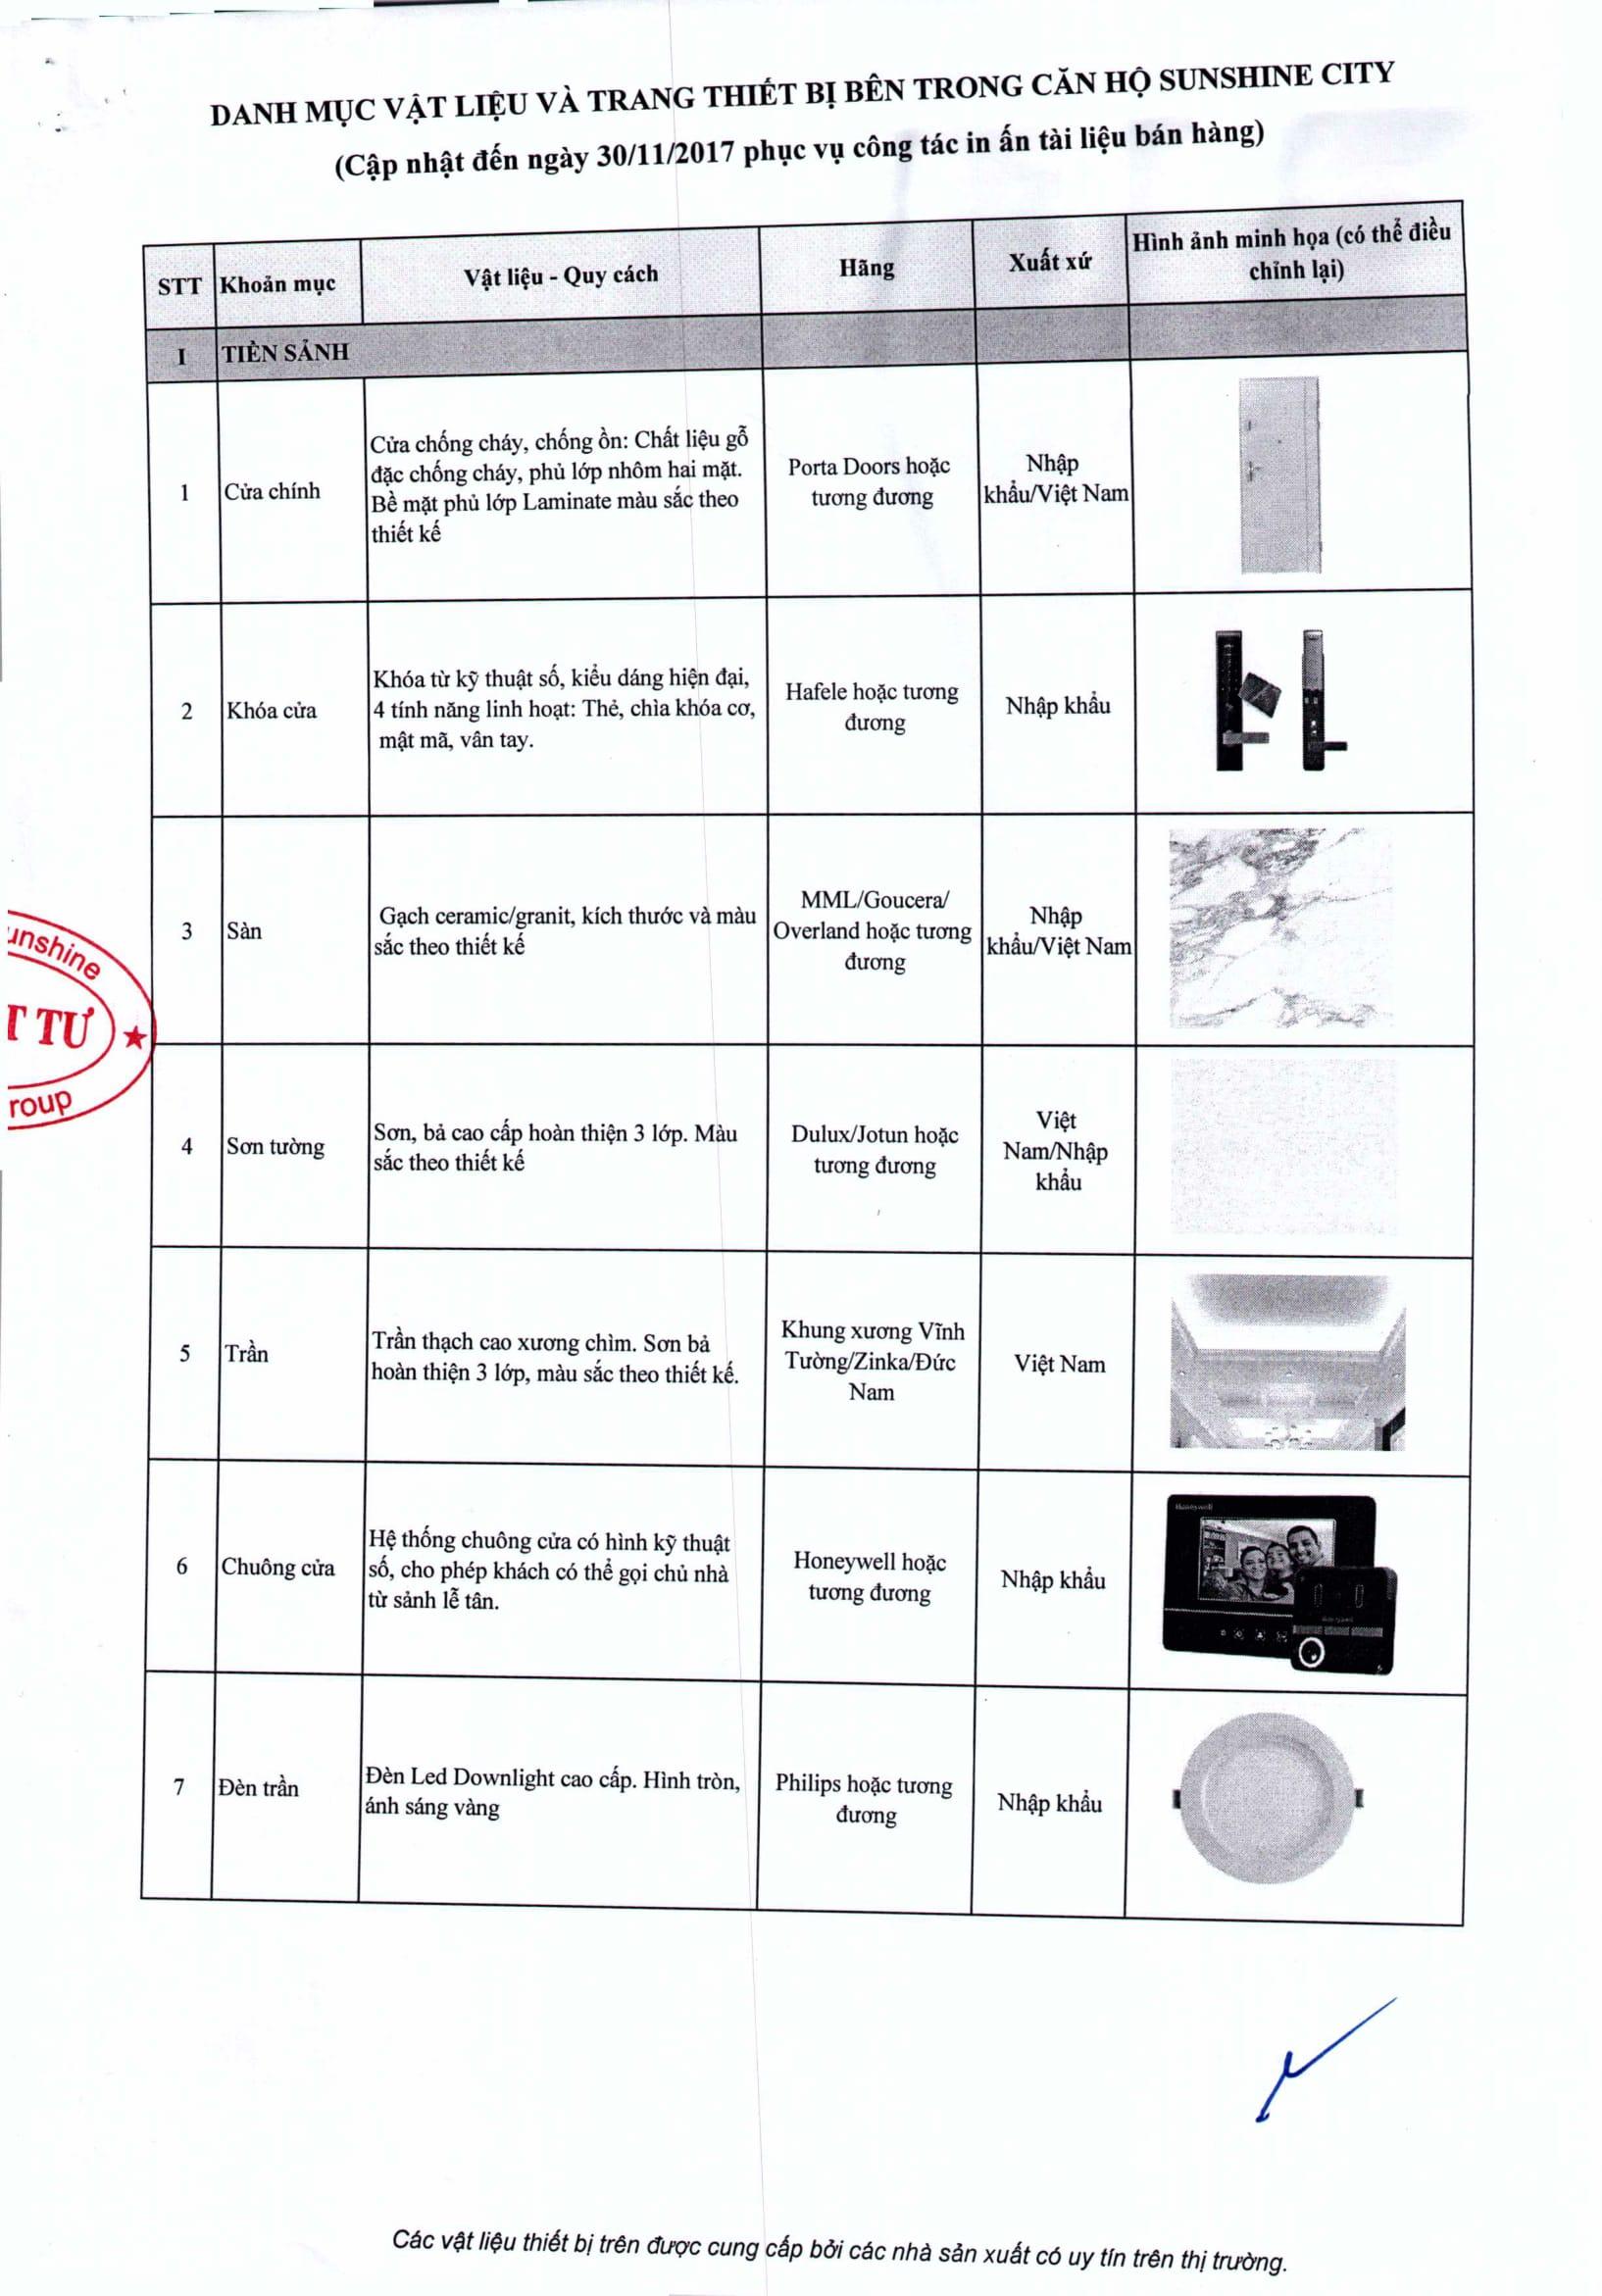 Danh mục vật liệu và trang thiết bị bên trong căn hộ Sunshine City-1